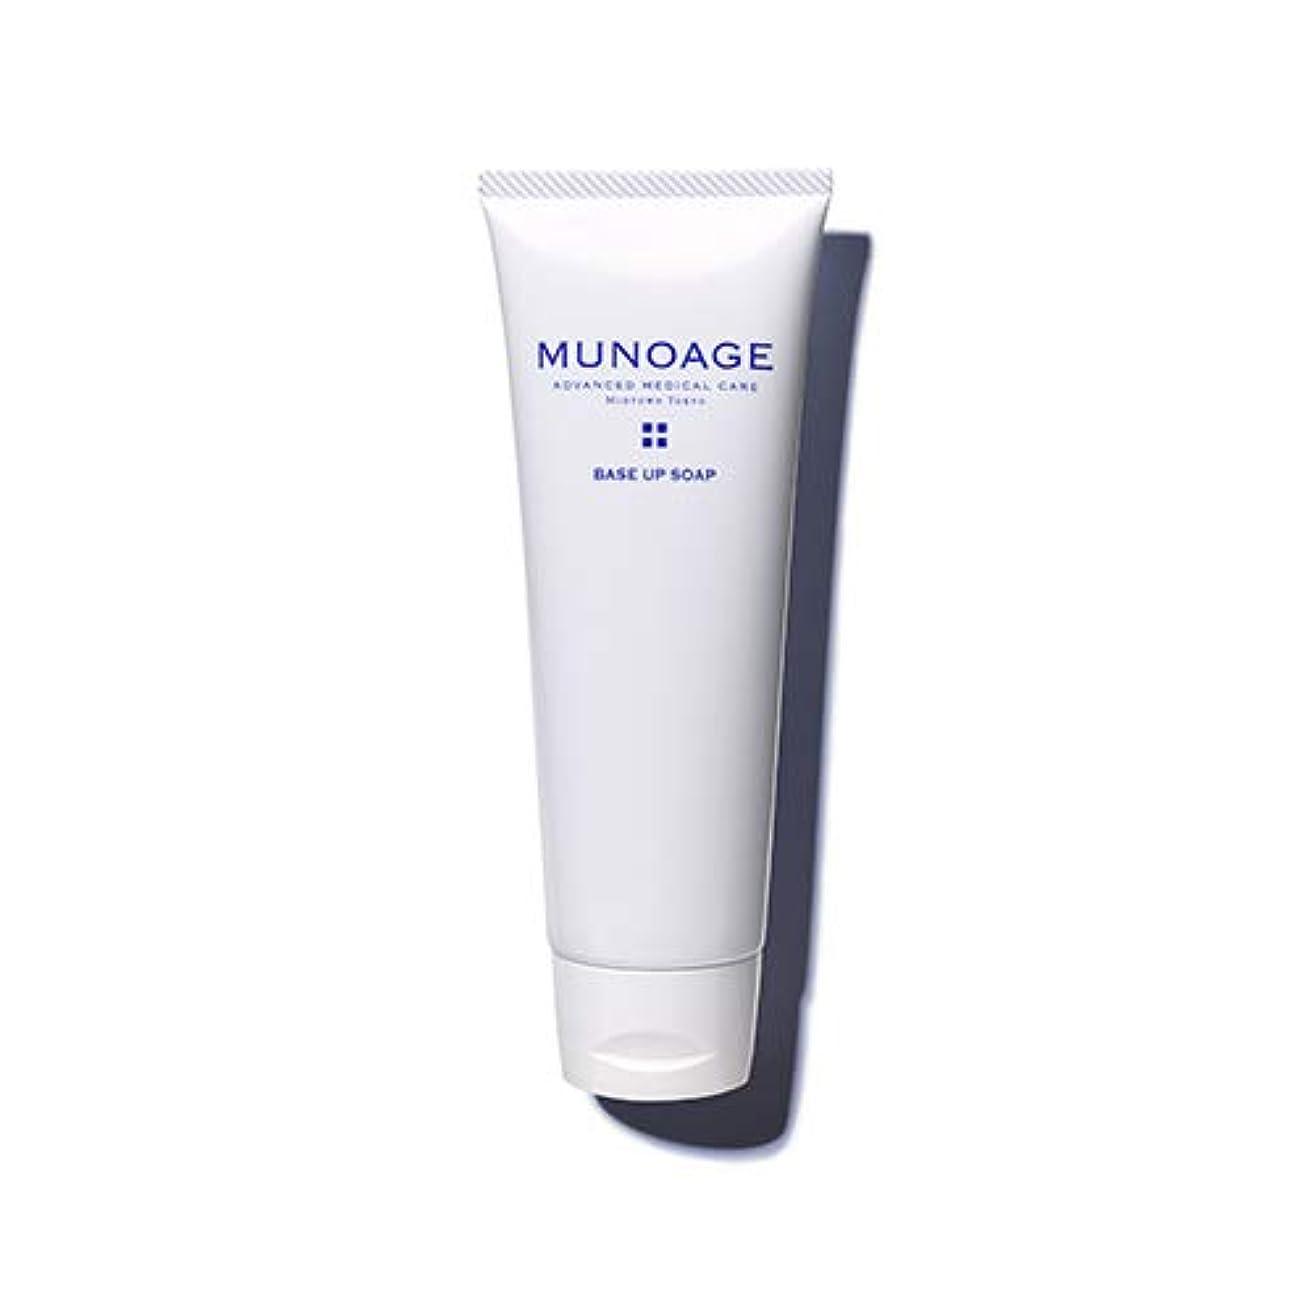 シェアピック化合物MUNOAGE ベースアップソープ 120g【洗顔】チューブタイプ きめ細やかな弾力泡 しっとりもちもち【お得な2個セット】